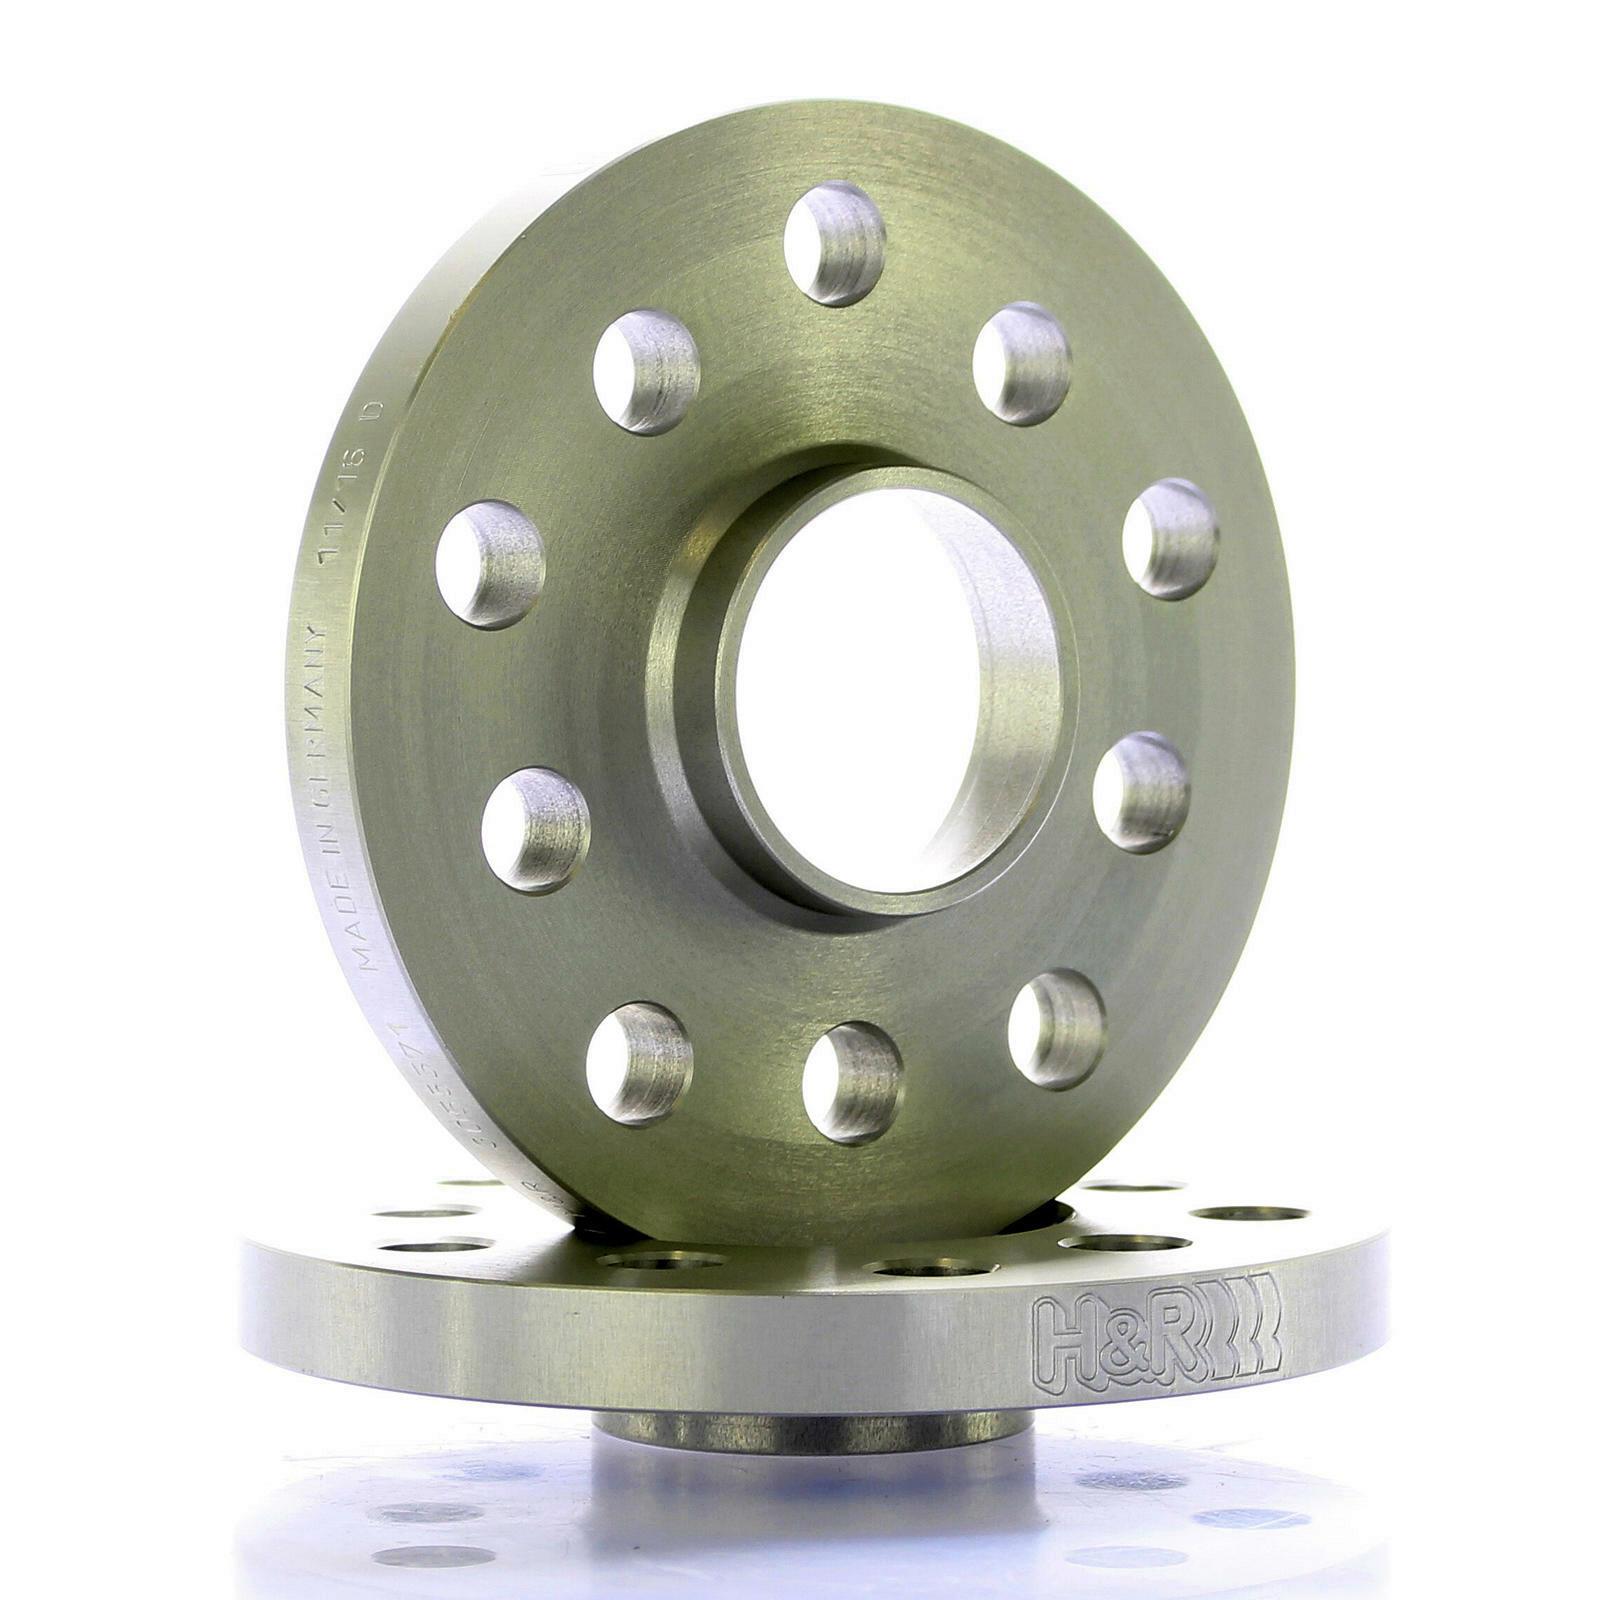 H&R DR Spurplatten Spurverbreiterung Distanzscheiben/Ringe 5x112 30mm // 2x15mm